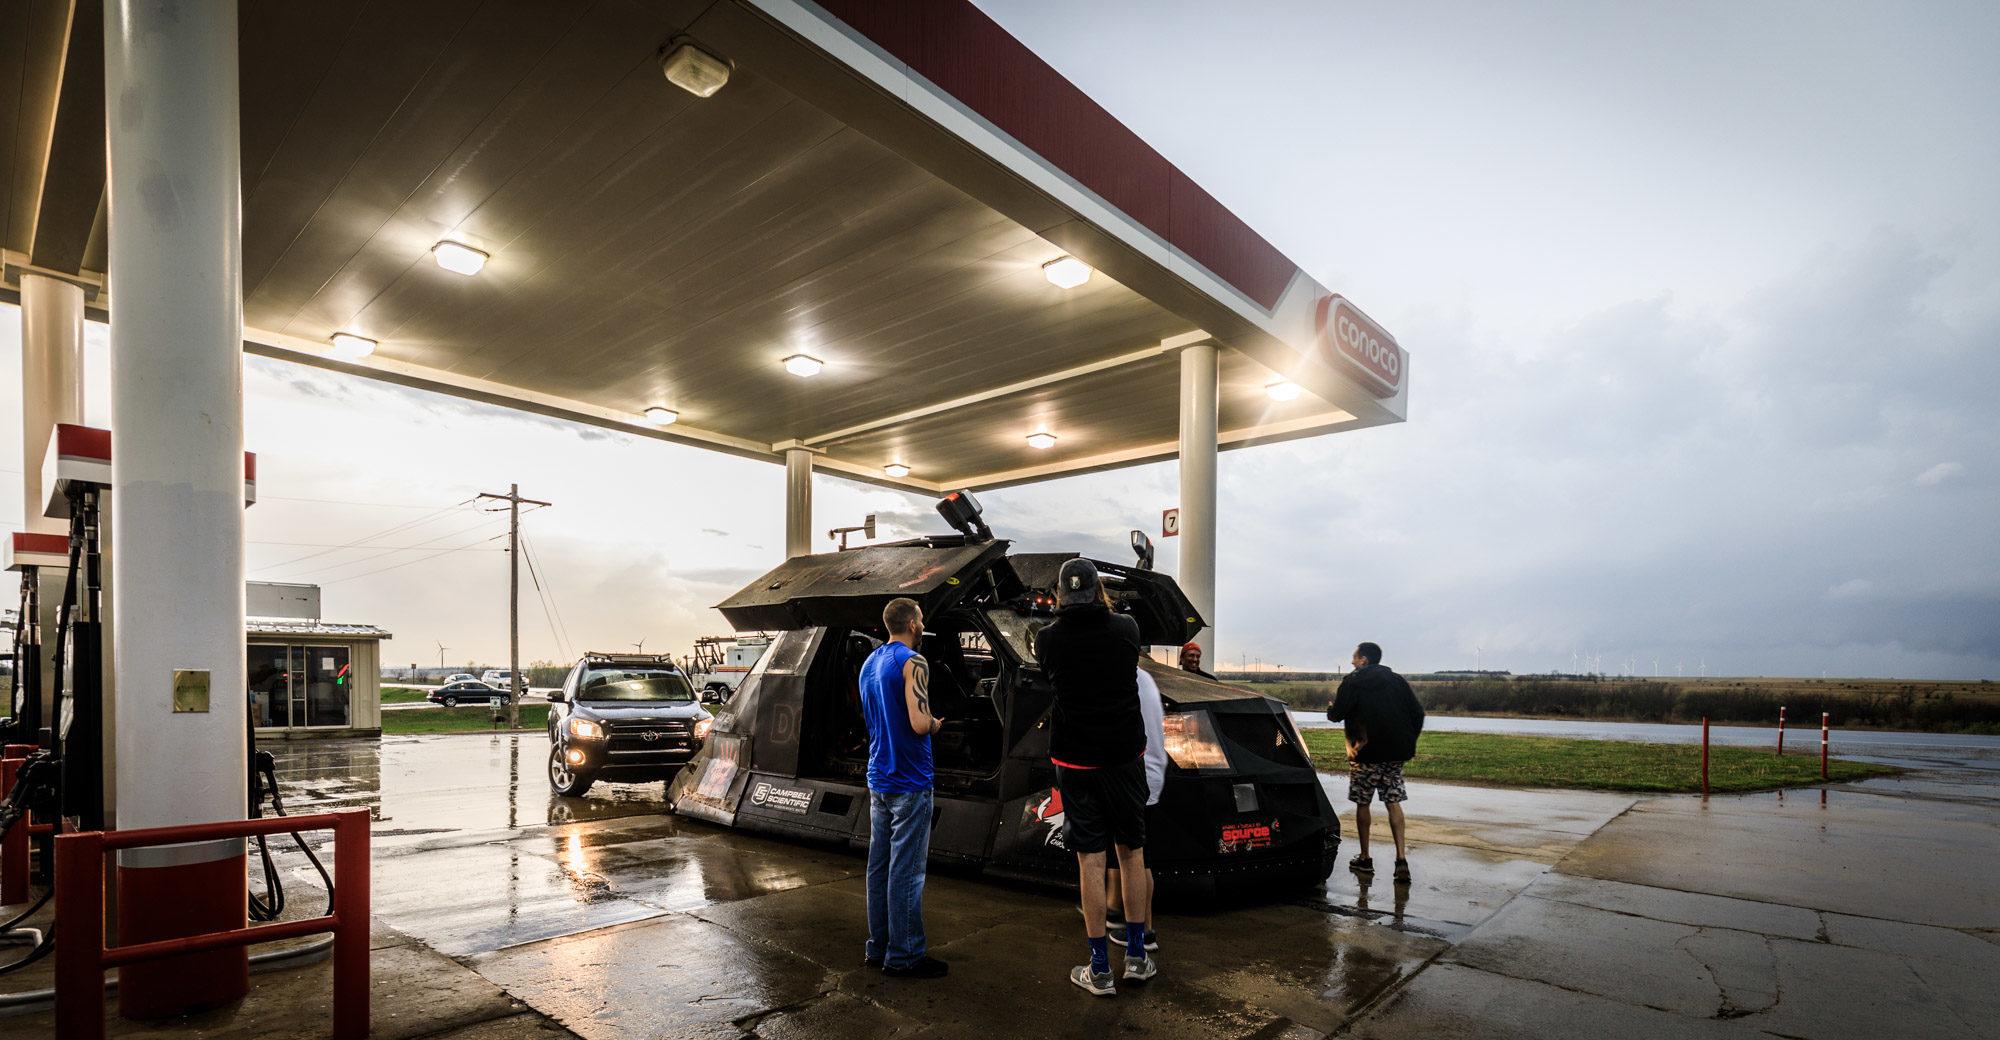 Gas station - Team Dominator 3 - Tescott, KS - © TsWISsTER